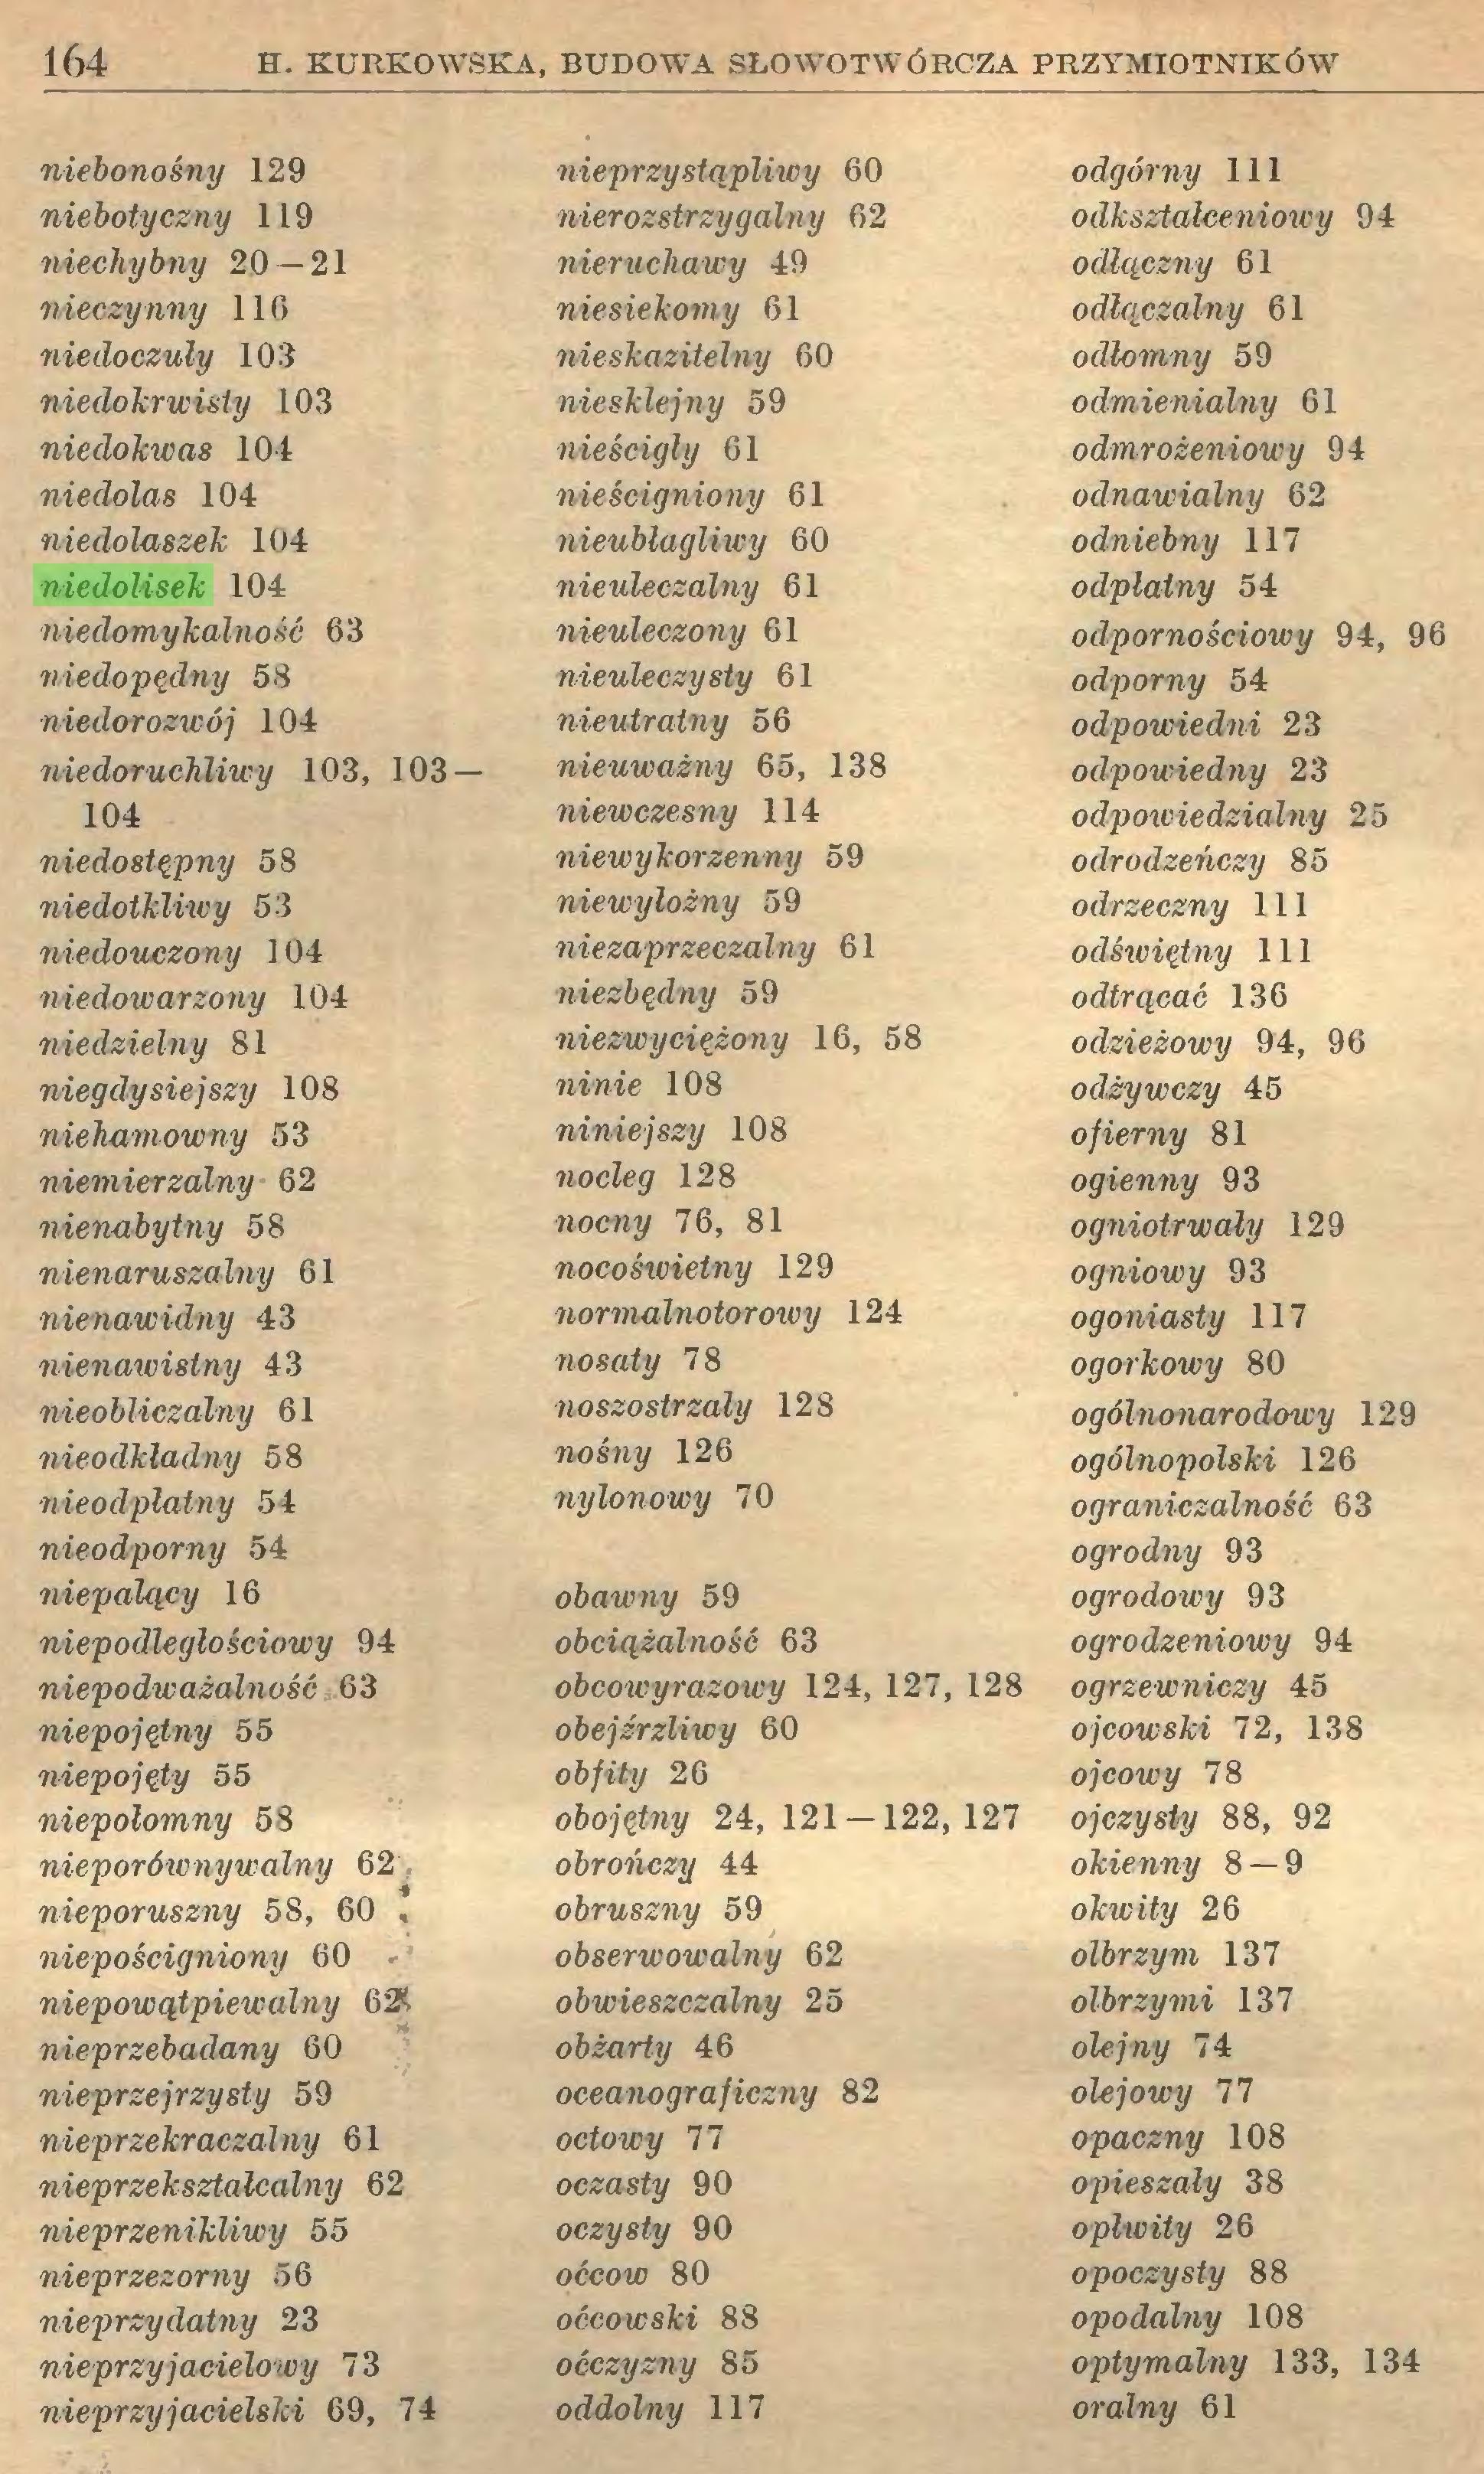 (...) 164 EL KURKOWSKA, BUDOWA SŁOWOTWÓRCZA PRZYMIOTNIKÓW niebonośny 129 niebotyczny 119 niechybny 20 — 21 nieczynny 116 niedoczuly 10:1 niedokrwisty 103 niedokwas 104 niedolas 104 niedolaszek 104 niedolisek 104 niedomykalność 63 niedopędny 58 niedorozwój 104 niedoruchliwy 103, 103 — 104 niedostępny 58 niedotkliwy 53 niedouczony 104 niedowarzony 104 niedzielny 81 niegdysiejszy 108 niehamowny 53 niemierzalny 62 nienabytny 58 nienaruszalny 61 nienawidny 43 nienawistny 43 nieobliczalny 61 nieodkladny 58 nieodpłatny 54 nieodporny 54 niepalący 16 niepodległościowy 94 niepodważalność 63 niepojętny 55 niepojęty 55 niepołomny 58 nieporównywalny 62 nieporuszny 58, 60 , niepościgniony 60 niepowątpiewalny 621, nieprzebadany 60 nieprzejrzysty 59 nieprzekraczalny 61 nieprzeksztalcalny 62 nieprzenikliwy 55 nieprzezorny 56 nieprzydatny 23 nie przy jacielowy 73 nieprzyjacielski 69, 74 nieprzystąpliwy 60 nierozstrzygalny 62 nieruchawy 49 niesiekomy 61 nieskazitelny 60 niesklejny 59 nieścigly 61 nieścigniony 61 nieublagliwy 60 nieuleczalny 61 nieuleczony 61 nieuleczysty 61 nieutratny 56 nieuważny 65, 138 niewczesny 114 niewykorzenny 59 niewyłożny 59 niezaprzeczalny 61 niezbędny 59 niezwyciężony 16, 58 niwie 108 niniejszy 108 nocleg 128 nocny 76, 81 nocoświetny 129 normalnotorowy 124 nosaty 78 noszostrzały 128 nośny 126 nylonowy 70 obawny 59 obciążalność 63 obcowyrazoicy 124, 127, 128 obejźrzliwy 60 obfity 26 obojętny 24, 121 — 122,127 obrończy 44 obruszny 59 obserwowalny 62 obwieszczalny 25 obżarty 46 oceanograficzny 82 octowy 77 oczasty 90 oczysty 90 oćcow 80 oćcowski 88 oćczyzny 85 oddolny 117 odgórny 111 odkształceniowy 94 odlączny 61 odłączalny 61 odlomny 59 odmienialny 61 odmrożeniowy 94 odnawialny 62 odniebny 117 odpłatny 54 odpornościowy 94, 96 odporny 54 odpowiedni 23 odpowiedny 23 odpowiedzialny 25 odrodzericzy 85 odrzeczny 111 odświętny 111 odtrącać 136 odzieżowy 94, 96 odżywczy 45 ofierny 81 ogienny 93 ogniotrwały 129 ogniowy 93 ogoniasty 117 ogorkowy 80 ogólnonarodowy 129